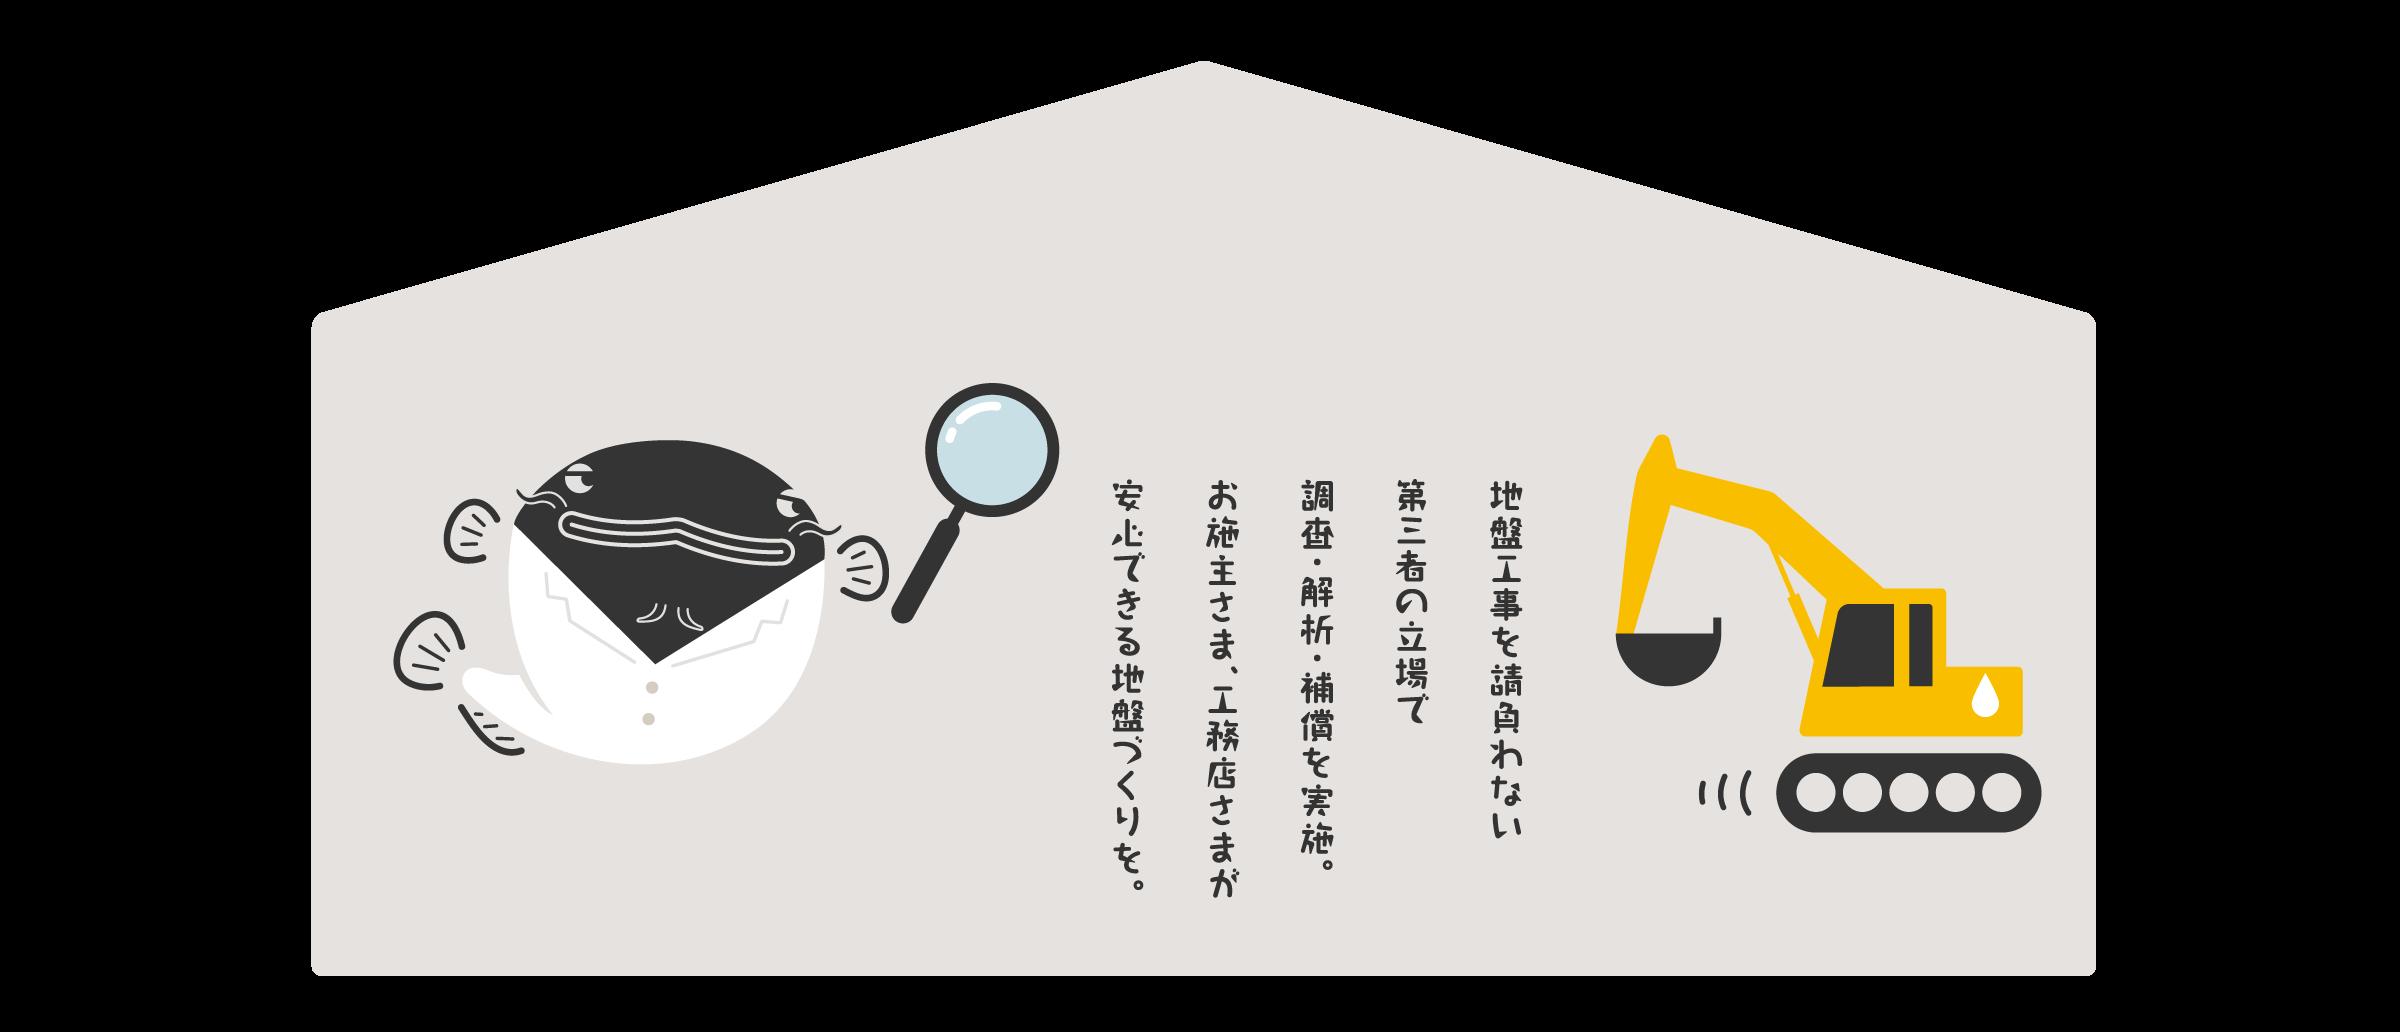 イラスト2/地盤ネット福山様制作事例